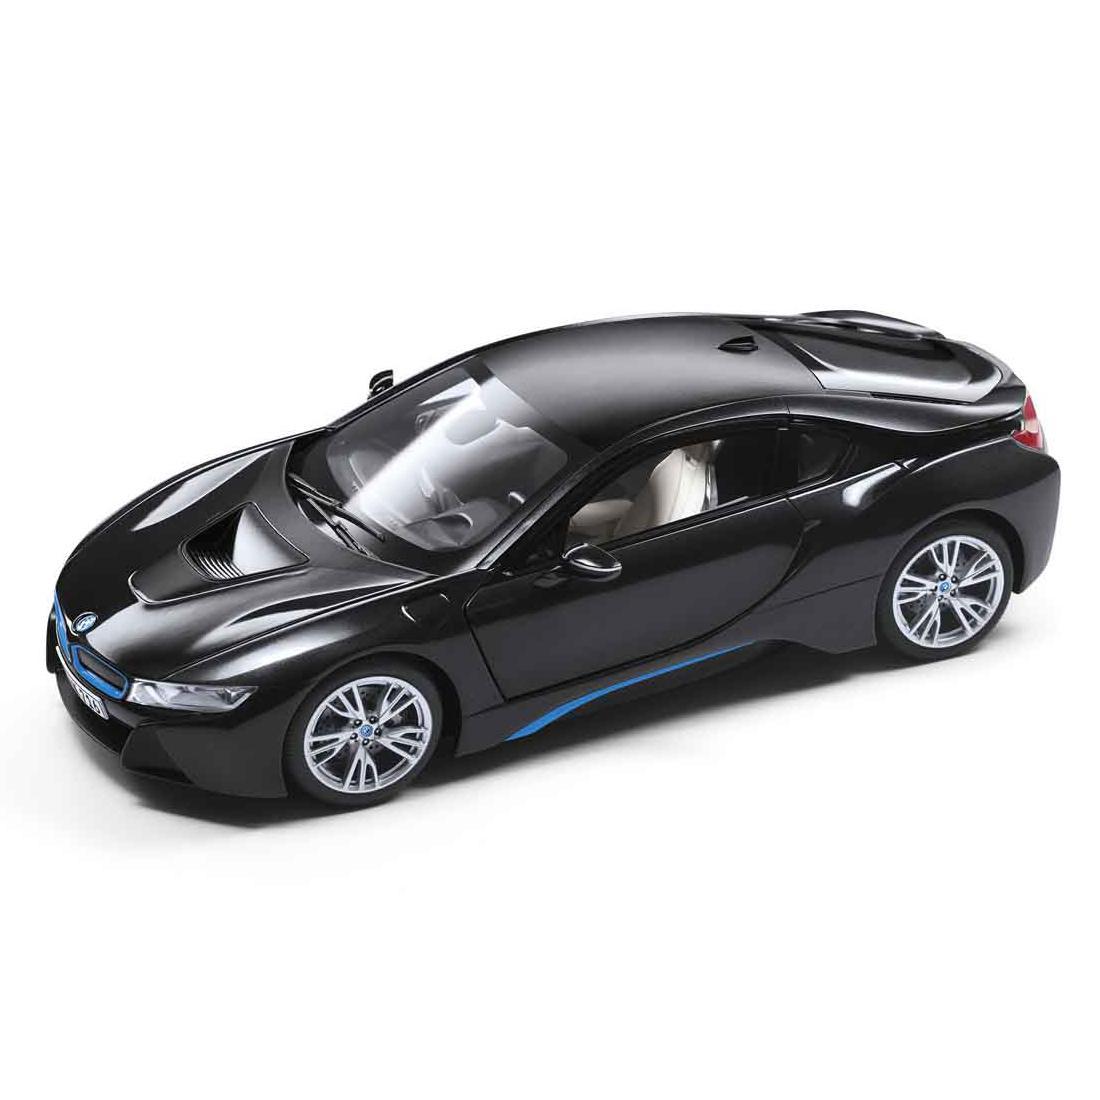 ShopBMWUSA.com: BMW I8 REMOTE CONTROL MINIATURE